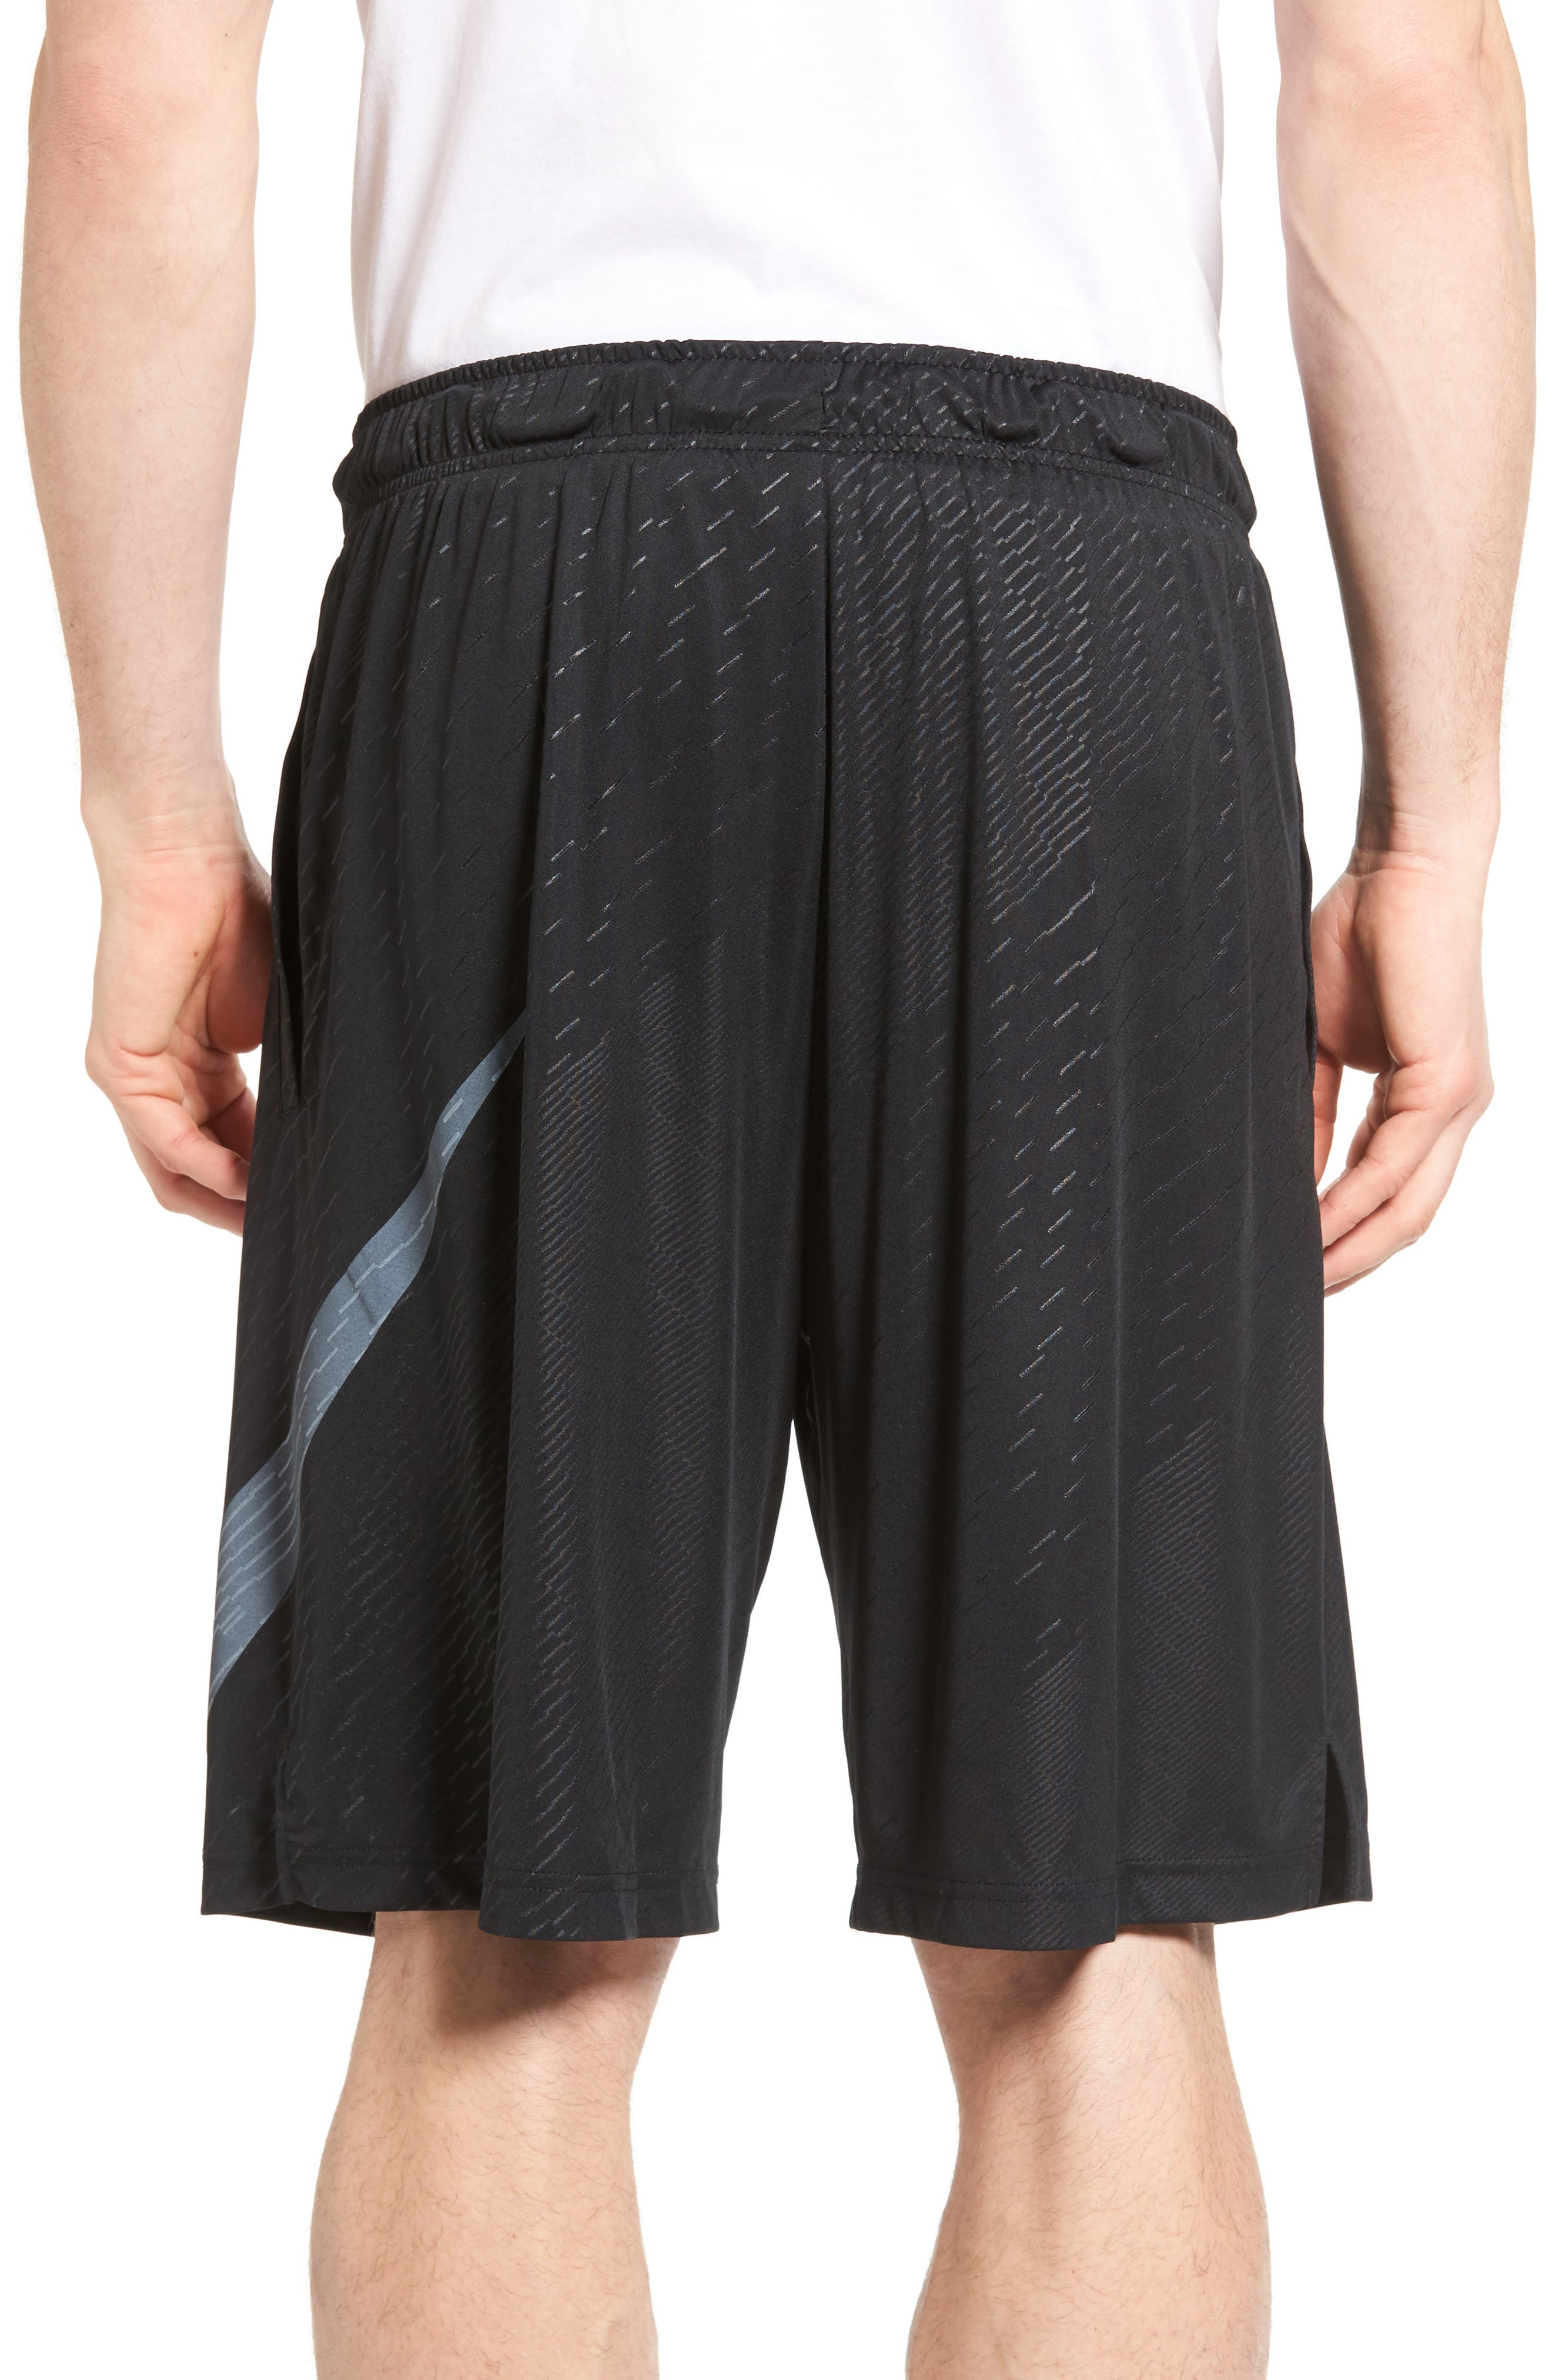 Dry Training Shorts,                             Alternate thumbnail 2, color,                             Black/ White